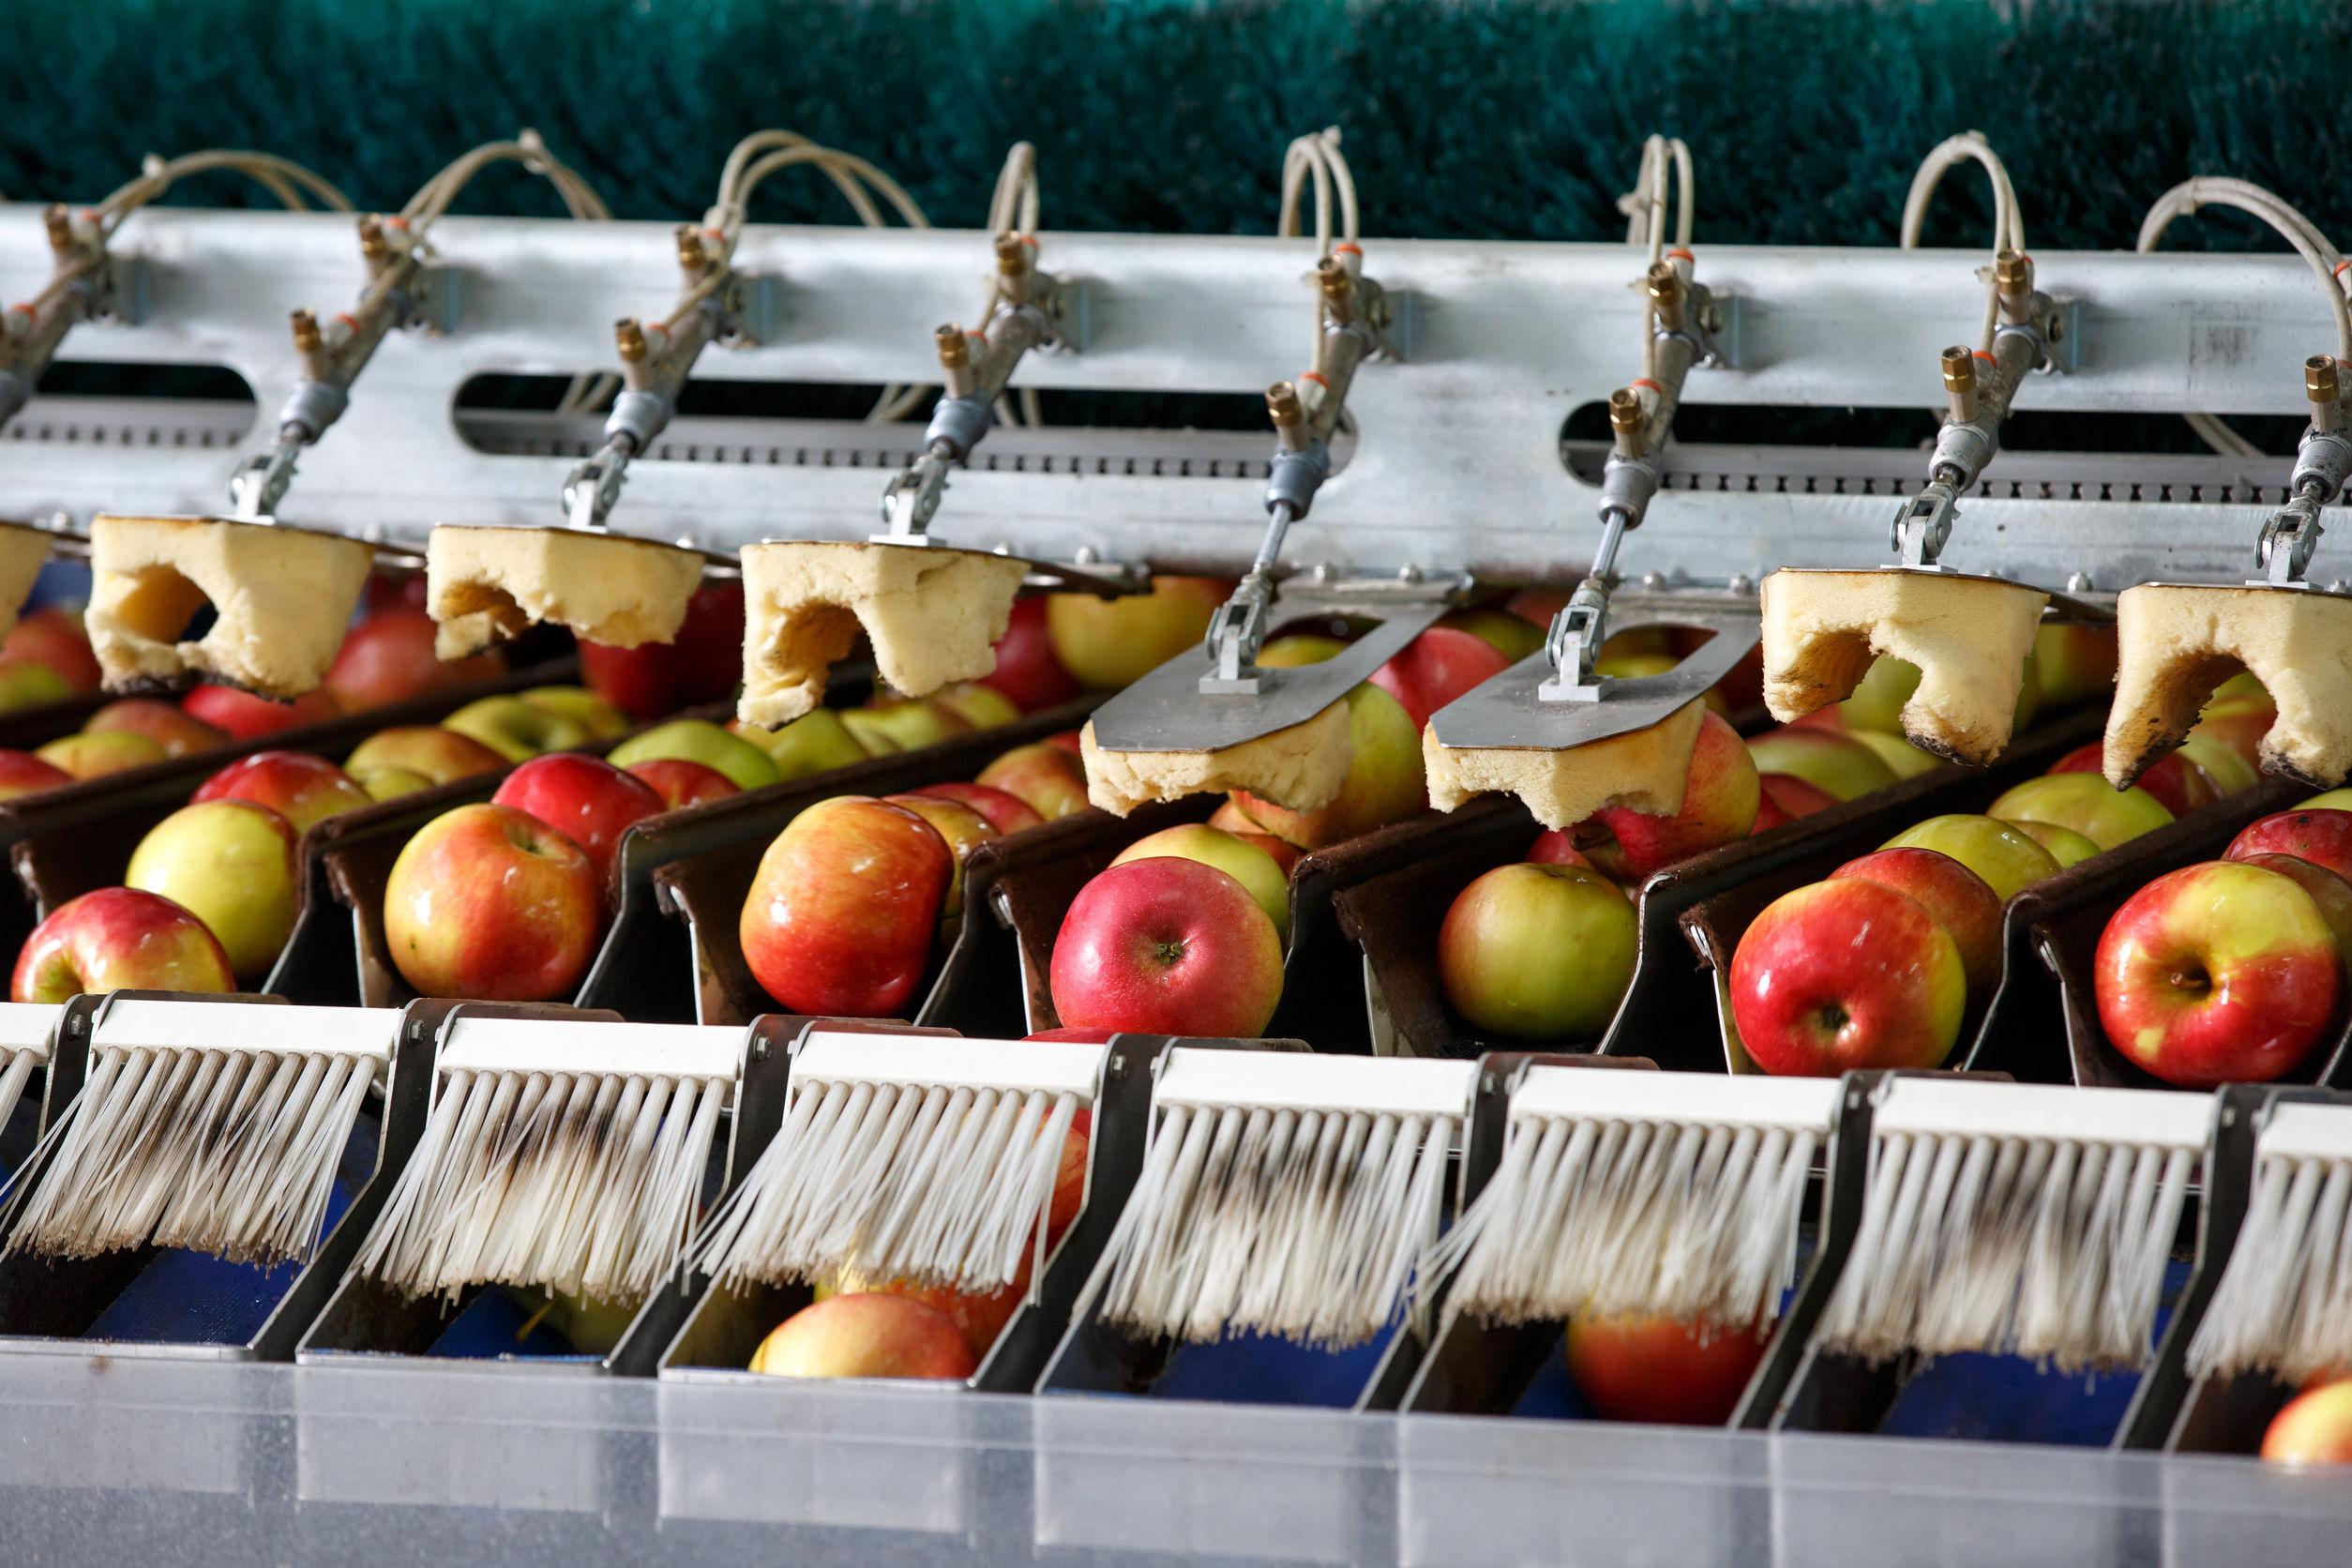 Industria alimentare come garantire massimi standard di igiene